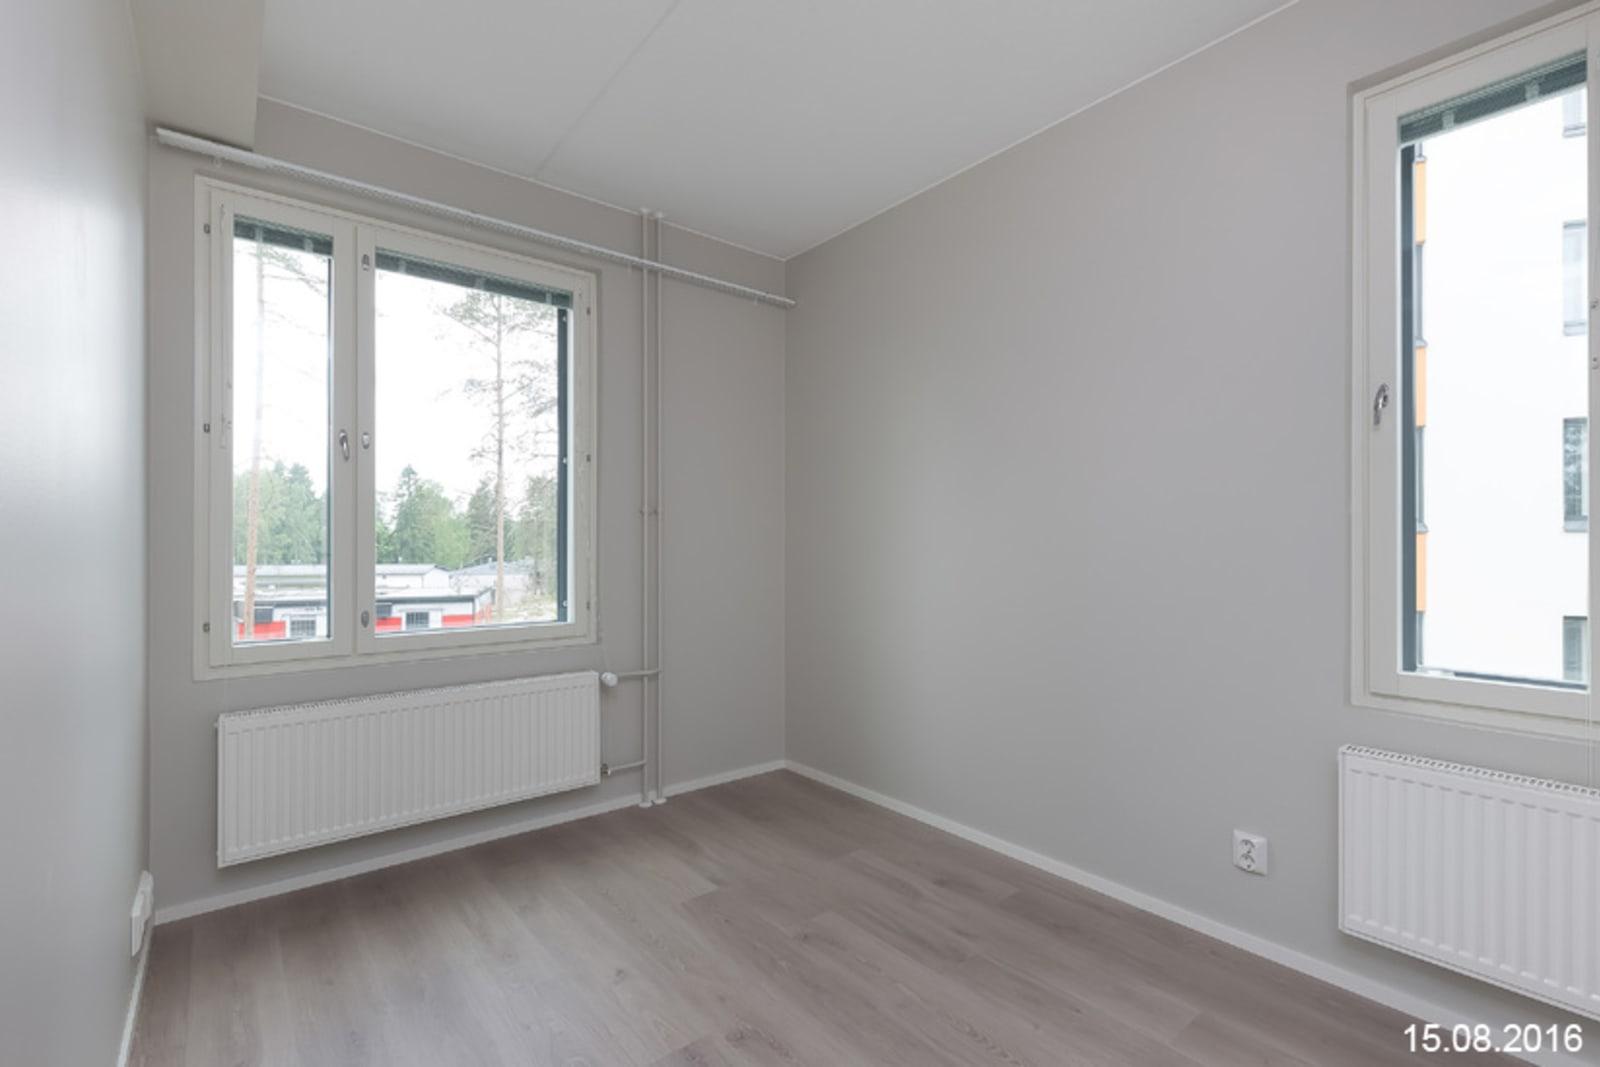 Vantaa, Rajakylä, Sompakuja 2-4 B 026